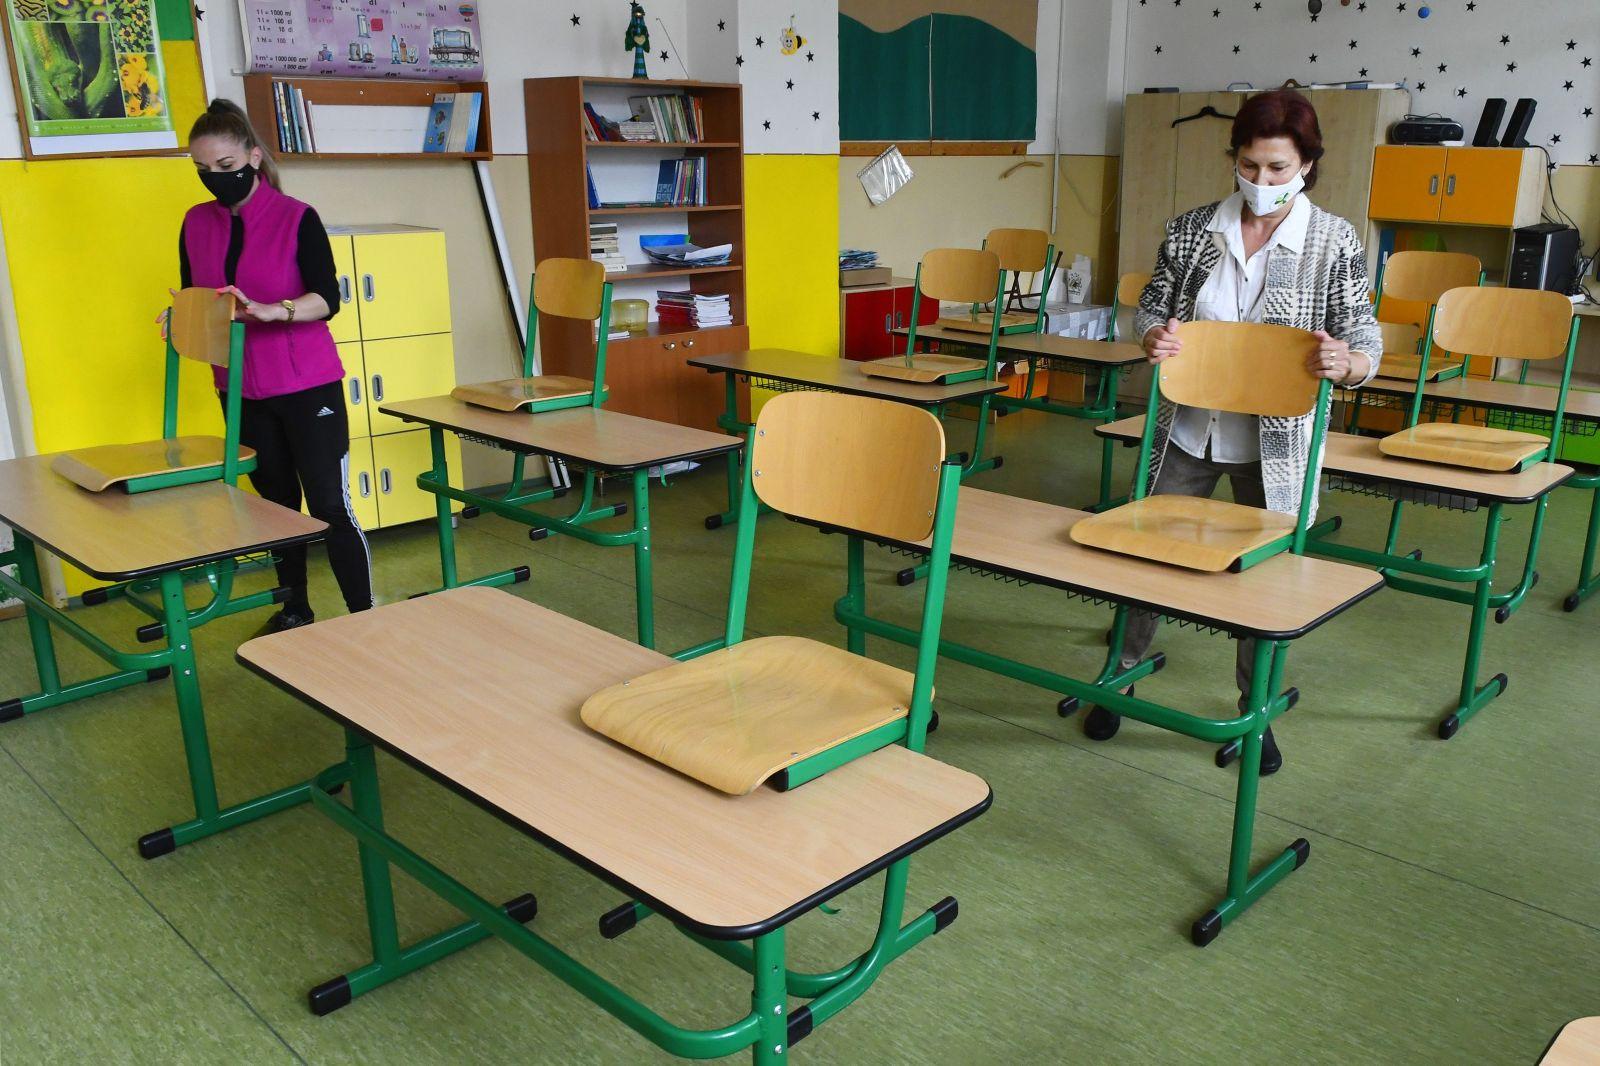 Žiaci dnes idú prvýkrát do škôl po troch mesiacoch. Do lavíc sa vrátia približne dve tretiny detí